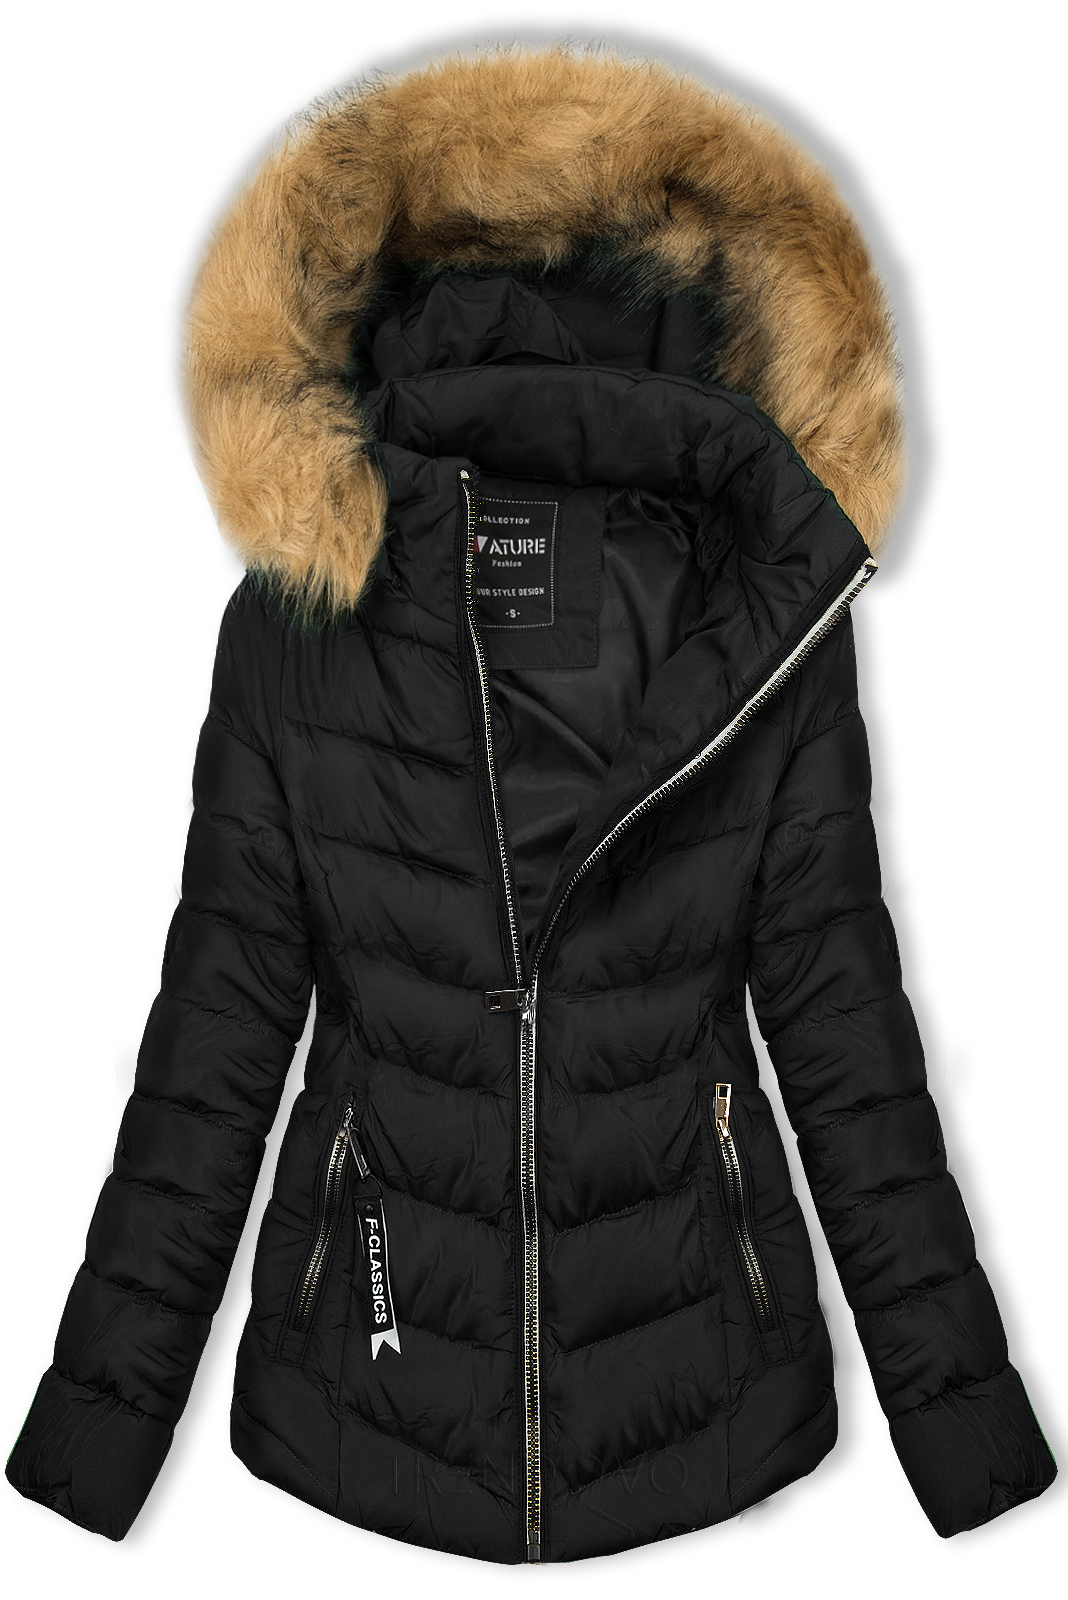 Čierna bunda na obdobie jeseň/zima